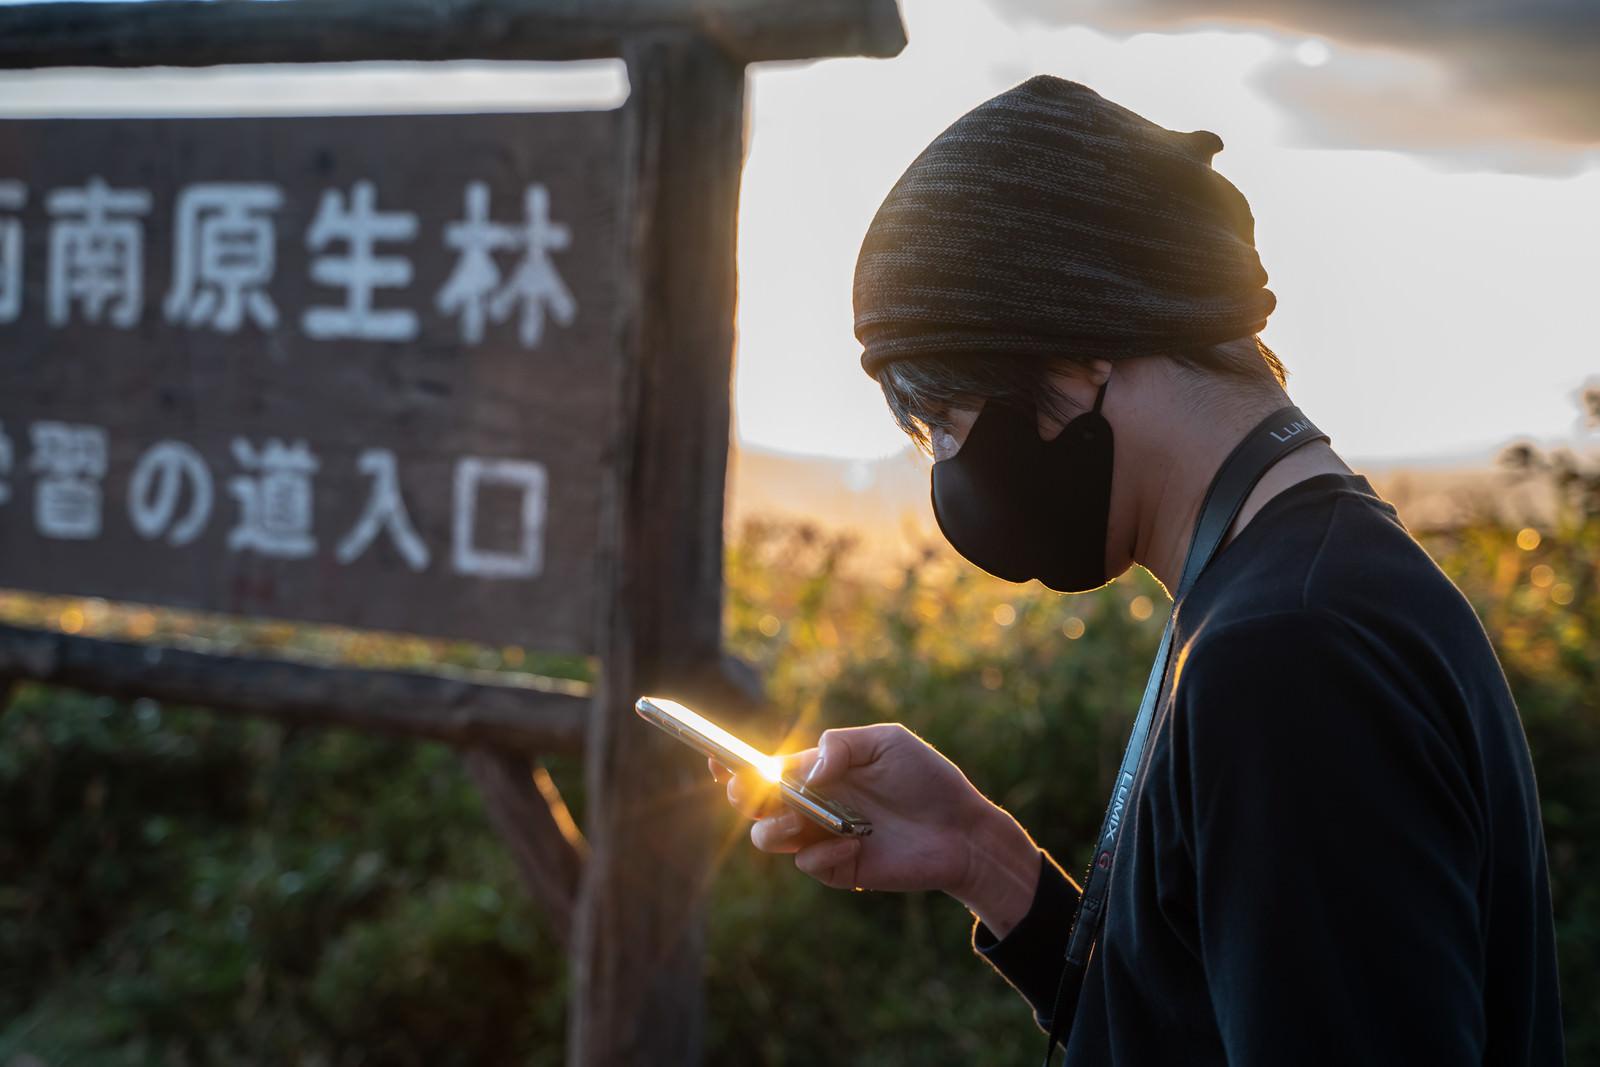 「位置情報ゲームで観光地に来た男性」の写真